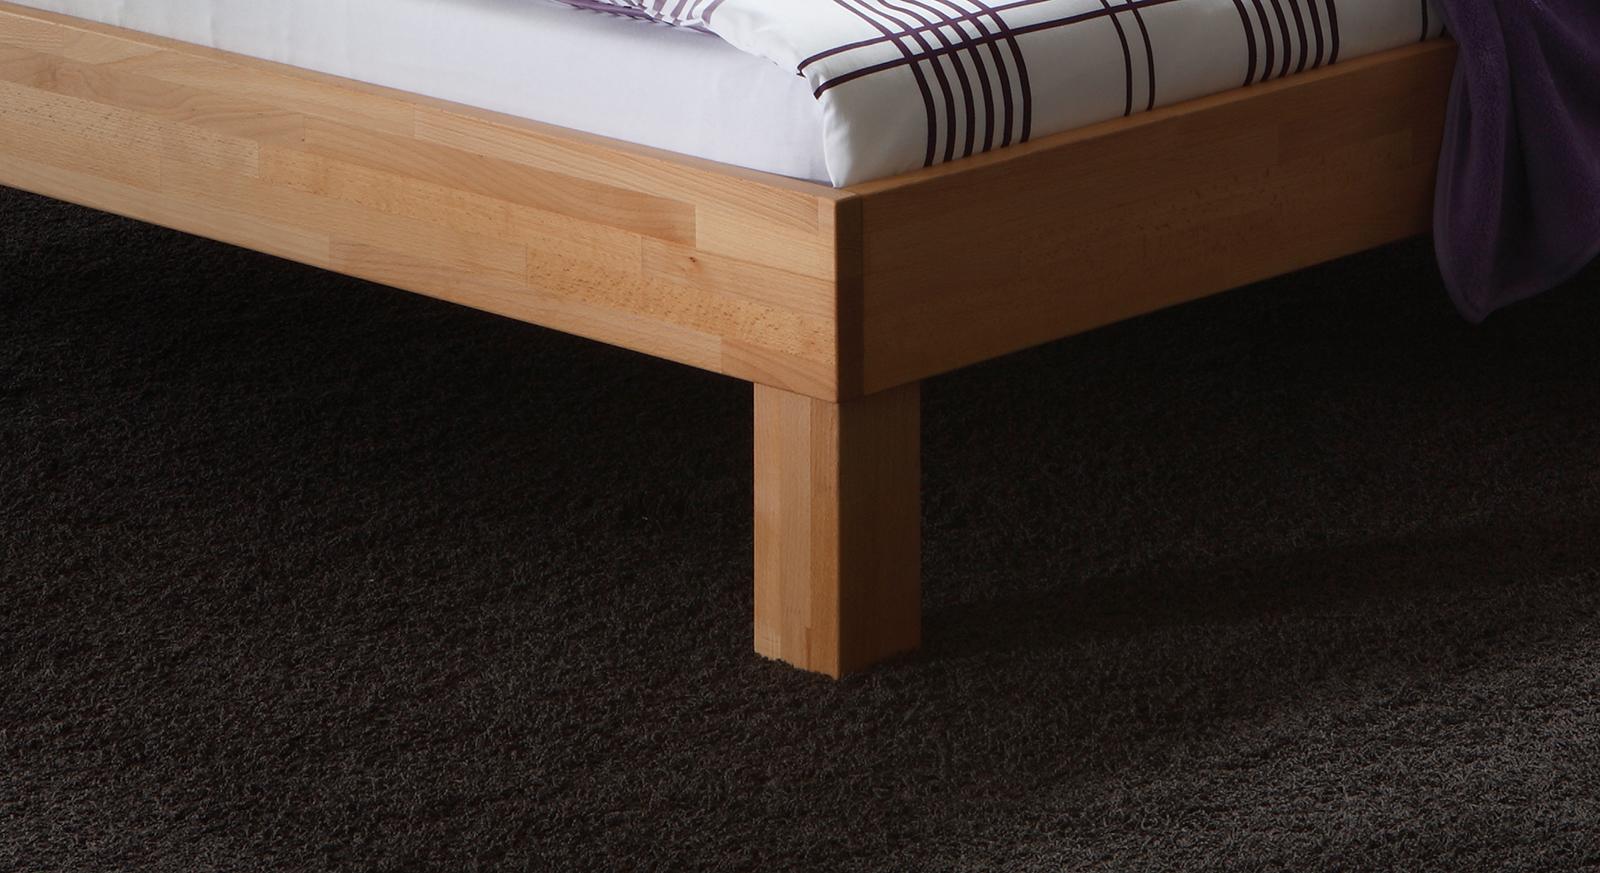 Modernes Bett Luzern mit stabilen eckigen Füßen.